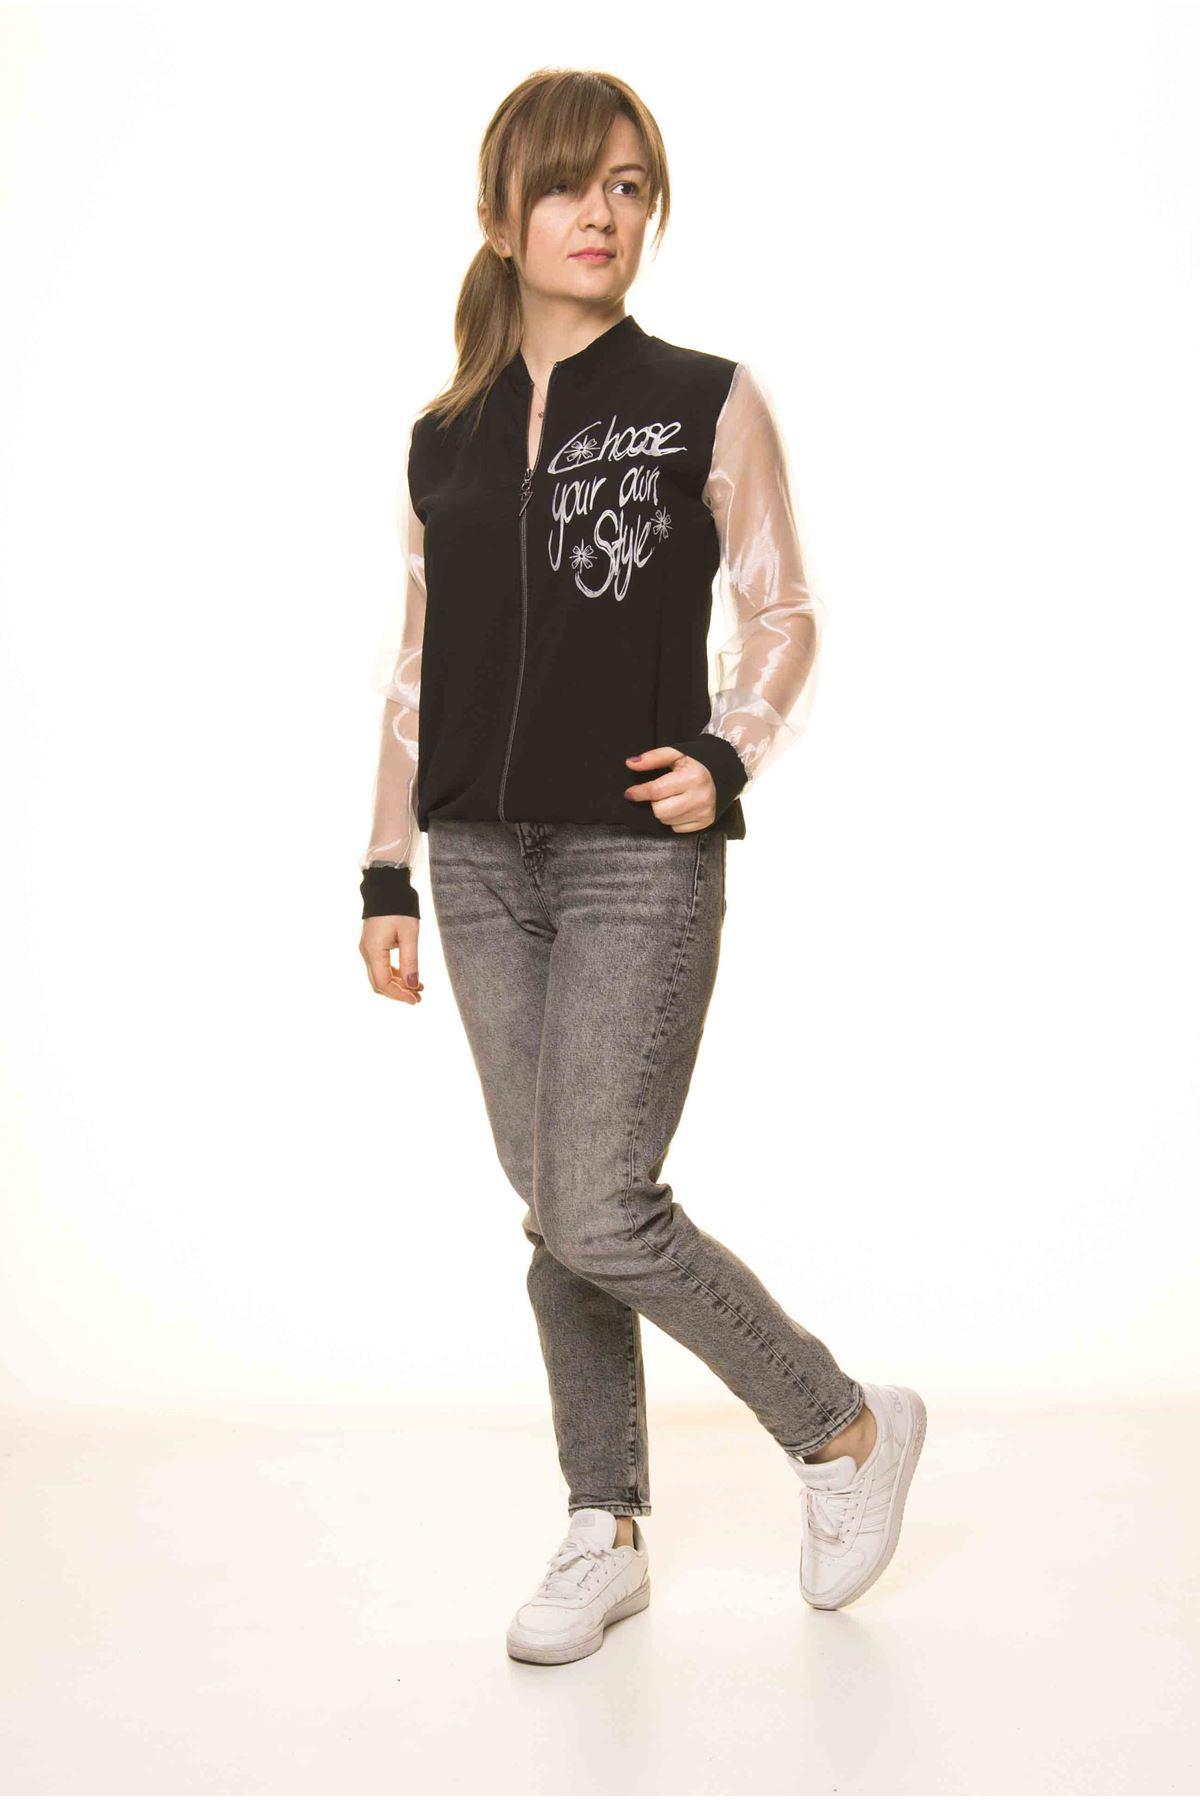 Kadın Siyah BeyazTarz Tül Kol Spor İnce Mont  A1-3081